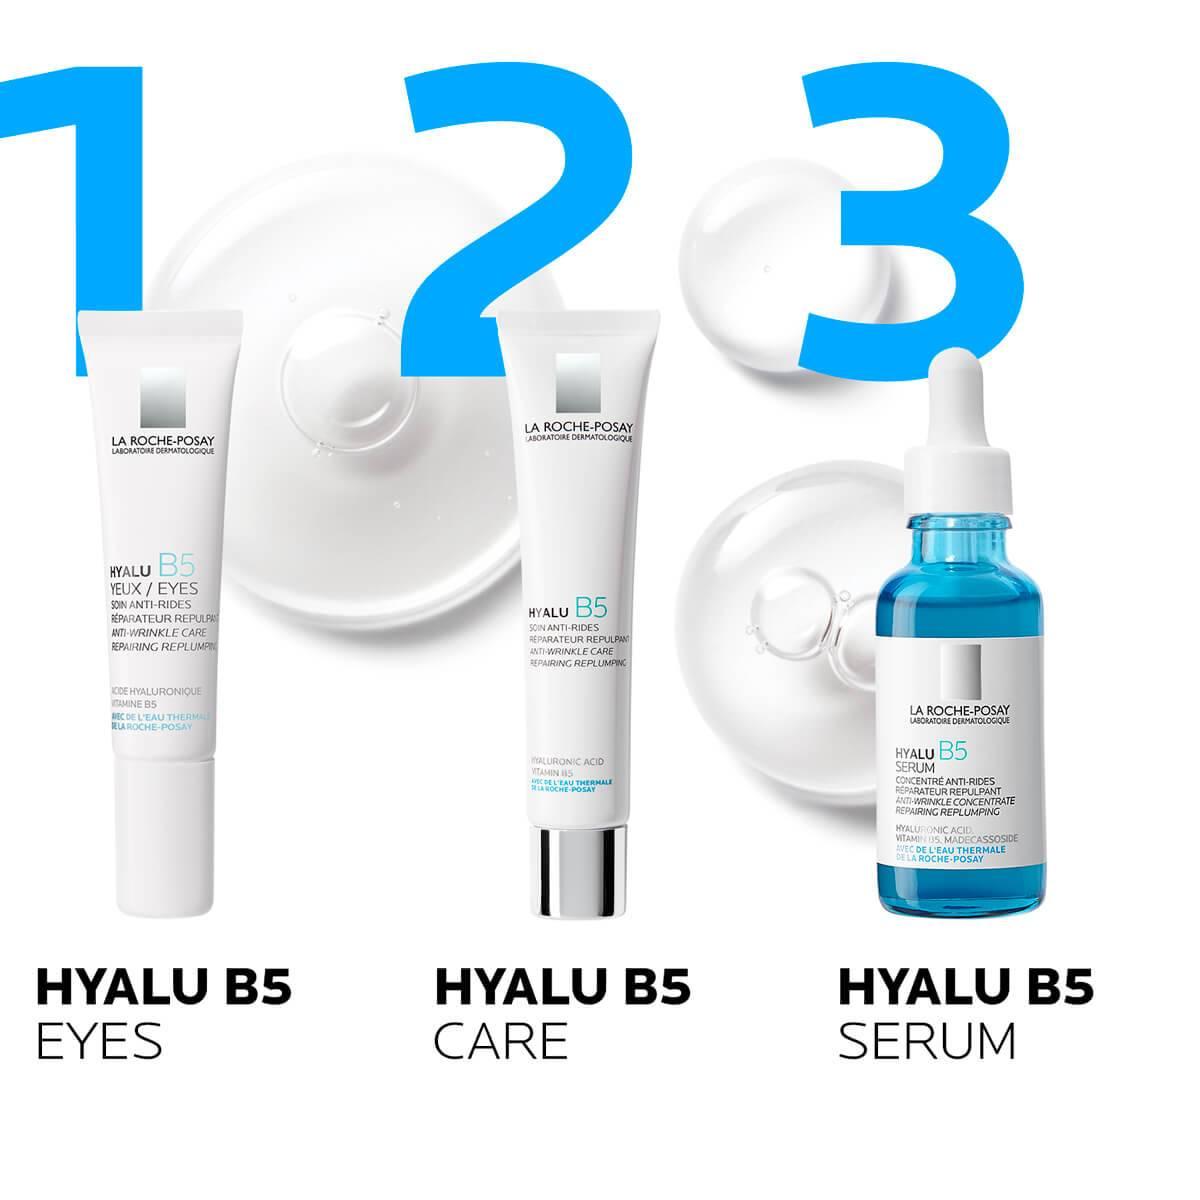 La Roche Posay Tuotesivu Ikääntymisen ehkäisy Hyalu B5 Serum 30ml 333787558362 routine